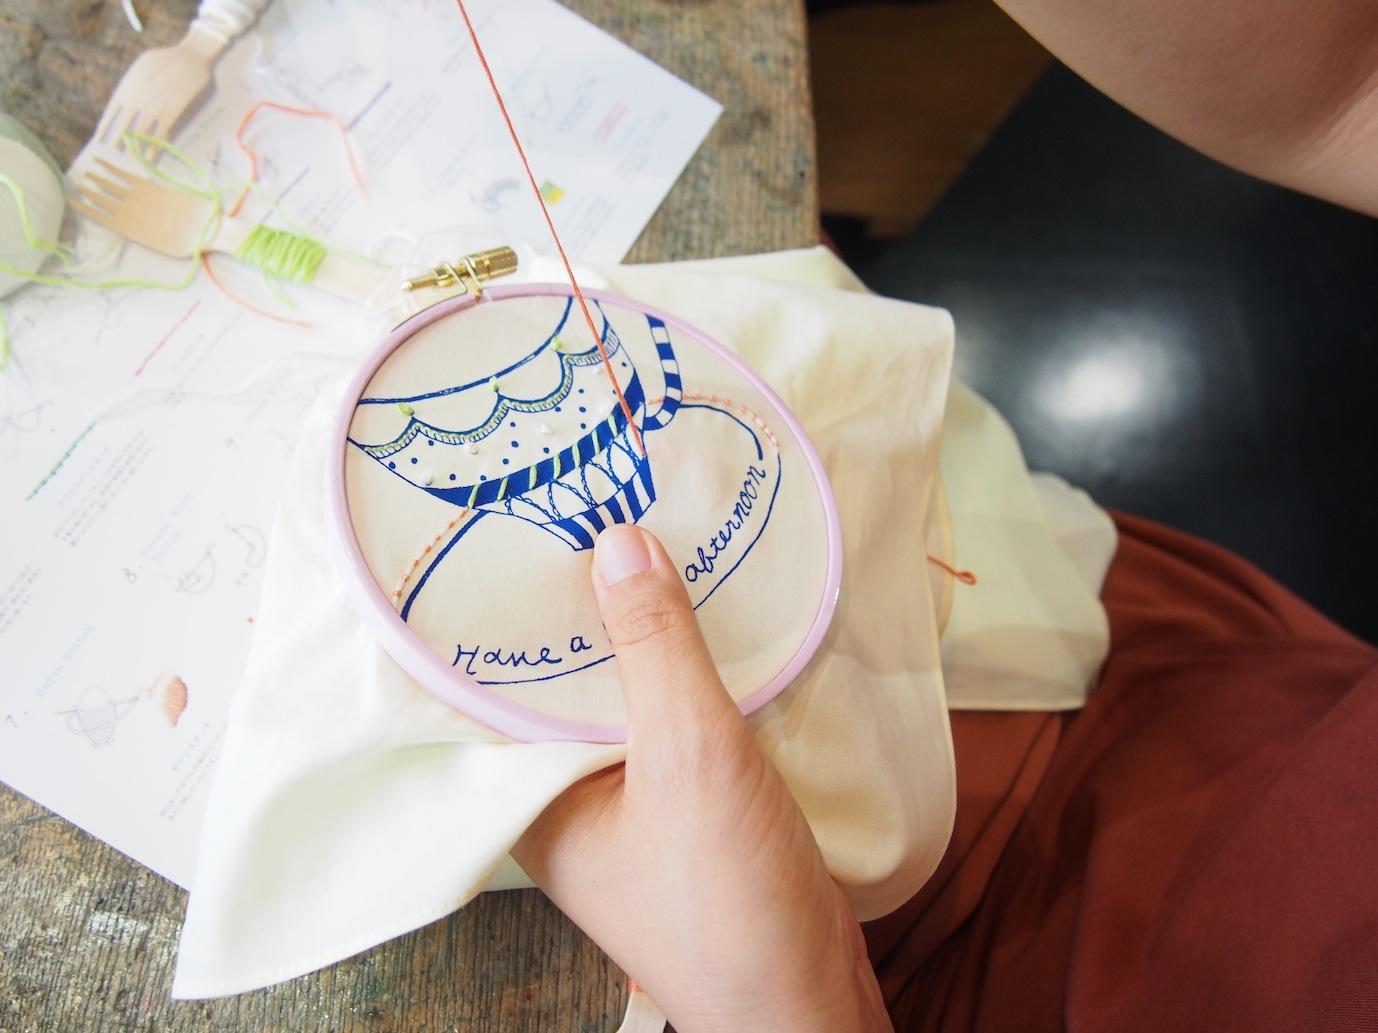 それに、好きな色、ステッチをくわえて、ぬり絵をするように自由に針を進めて楽しんで頂きます。